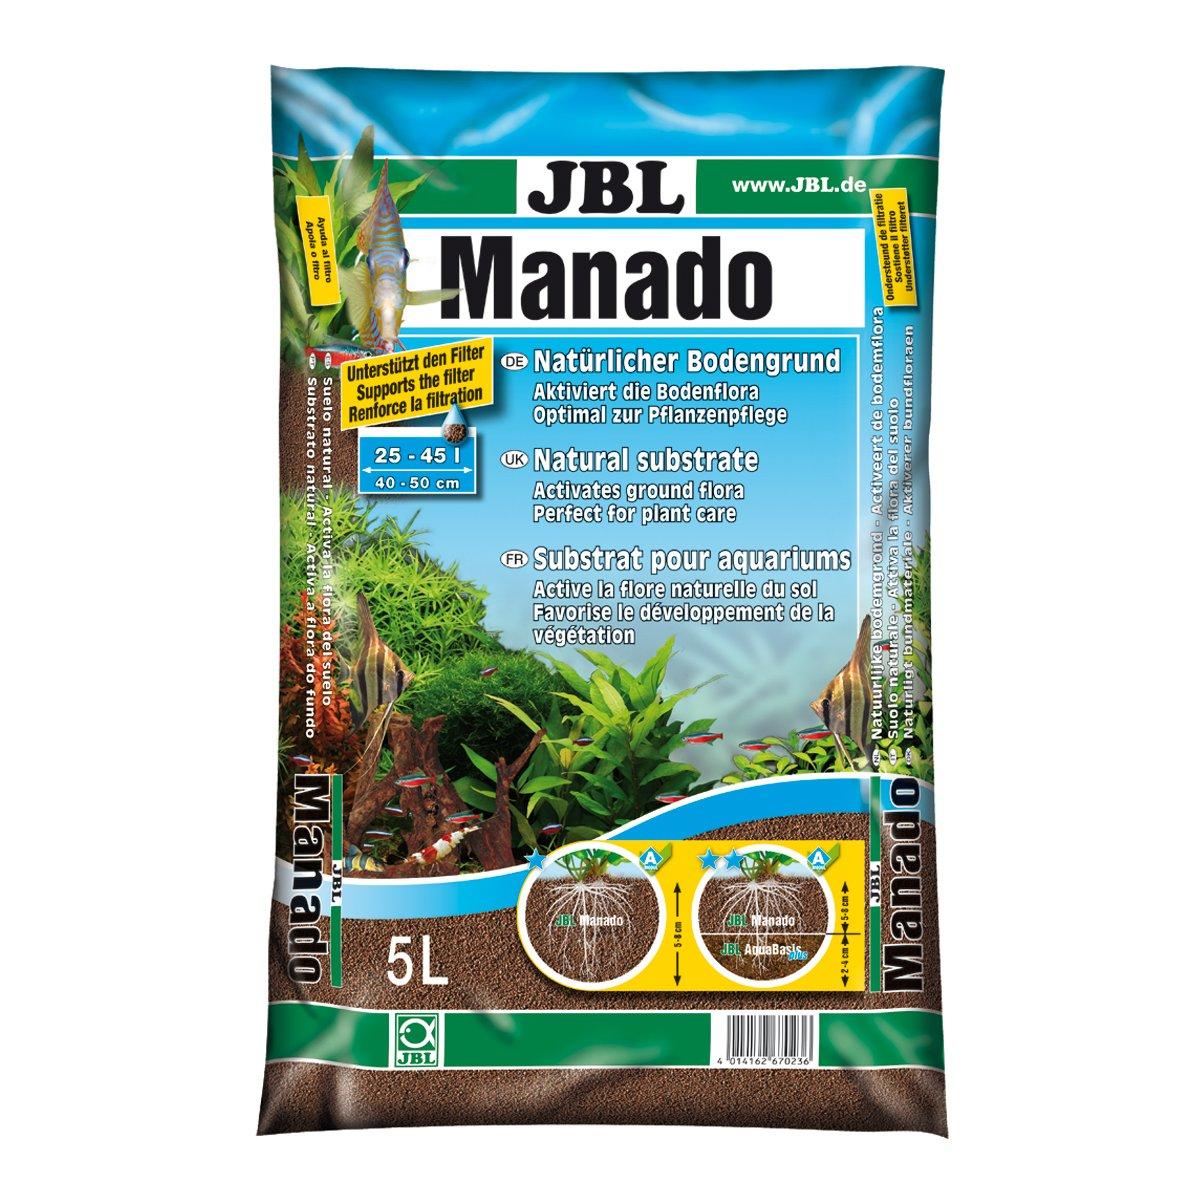 JBL Manado 5l - Substrat de sol naturel pour aquariums d'eau douce product image